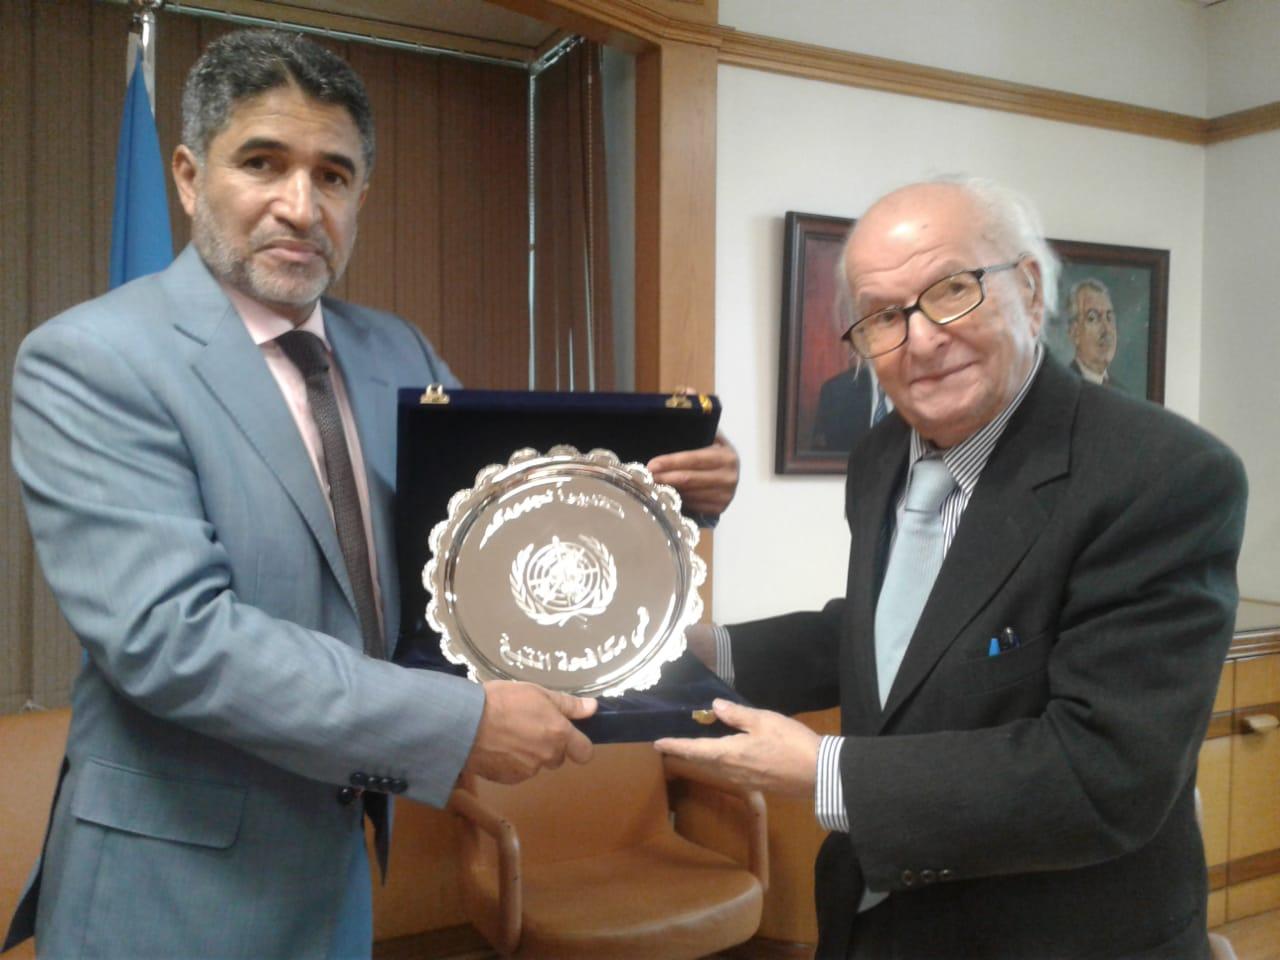 الدكتور احمد المنظرى المدير الاقليمى لشرق المتوسط اثناء تكريمه للدكتور حمدى السيد نقيب الاطباء الاسبق